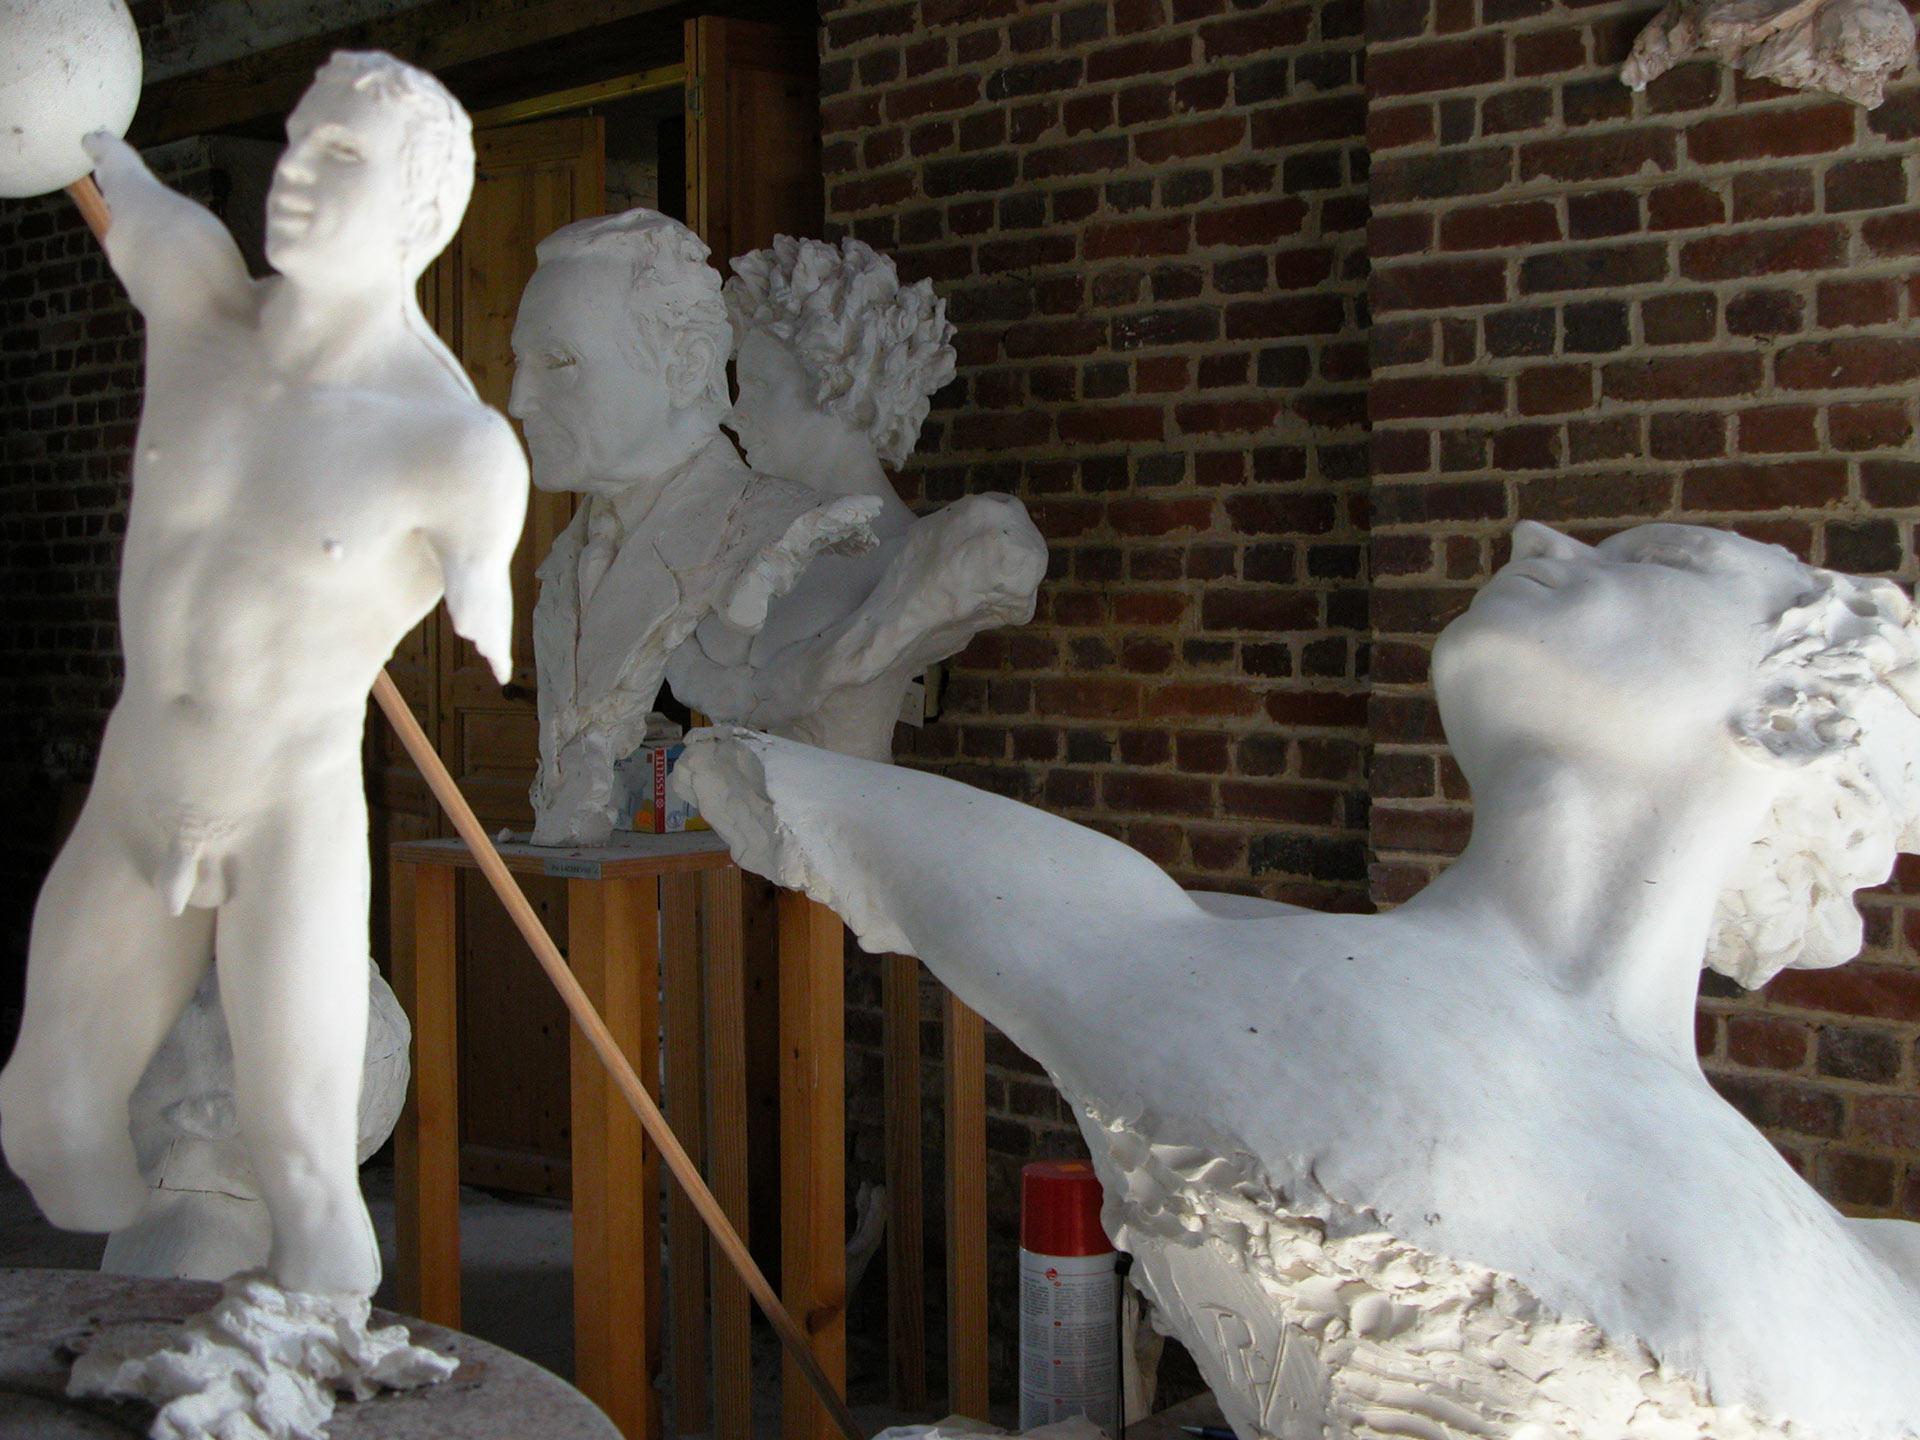 Atelier-Roger-Vène-Sculpteur-Dinan-8